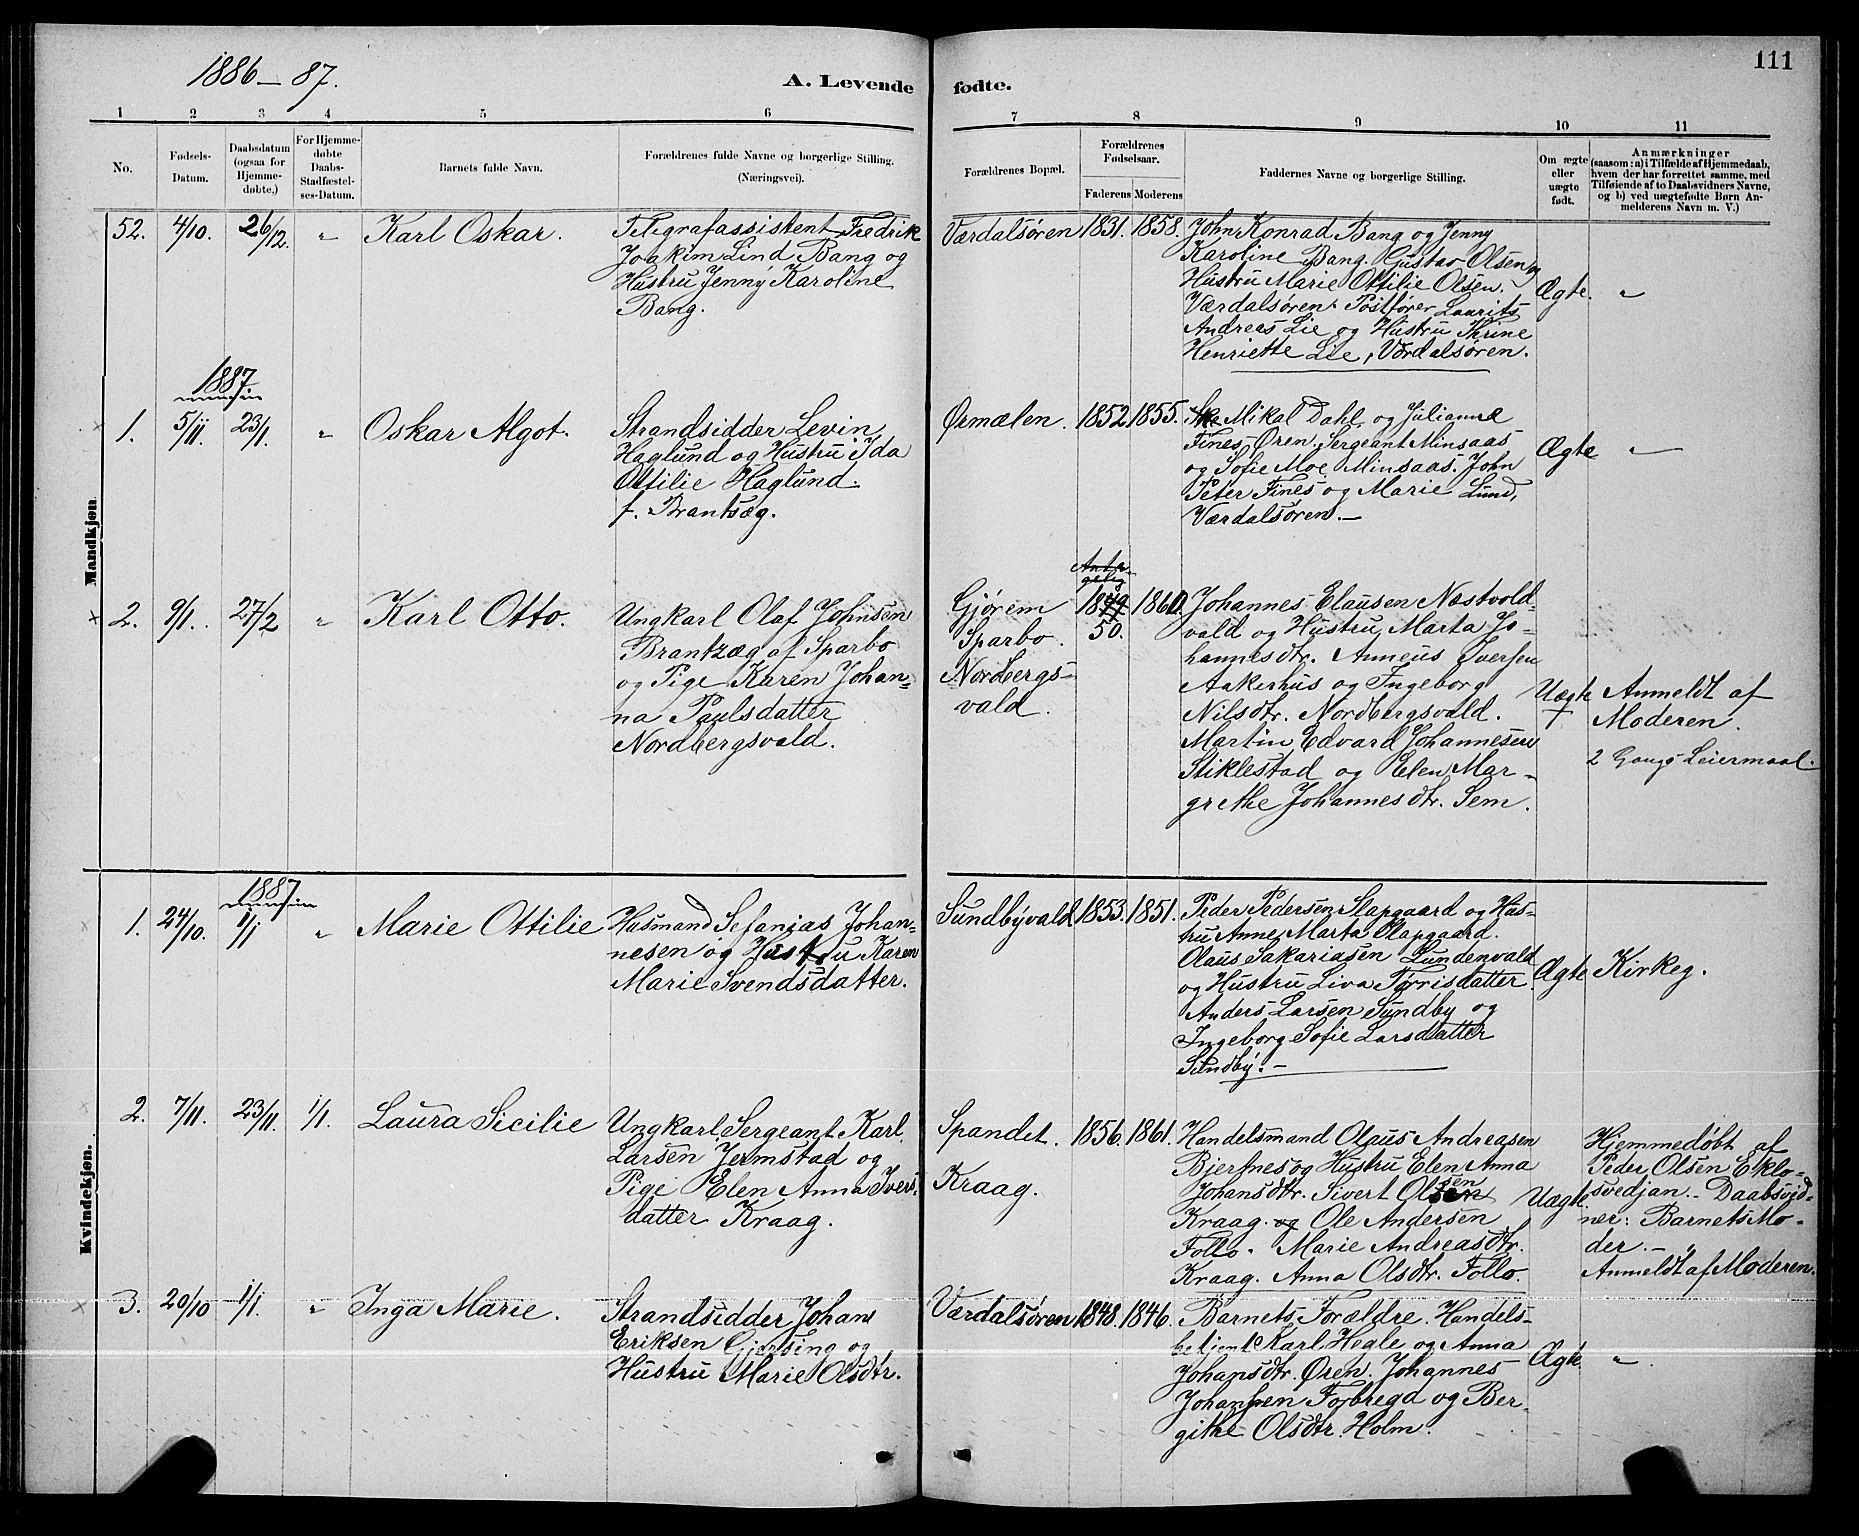 SAT, Ministerialprotokoller, klokkerbøker og fødselsregistre - Nord-Trøndelag, 723/L0256: Klokkerbok nr. 723C04, 1879-1890, s. 111